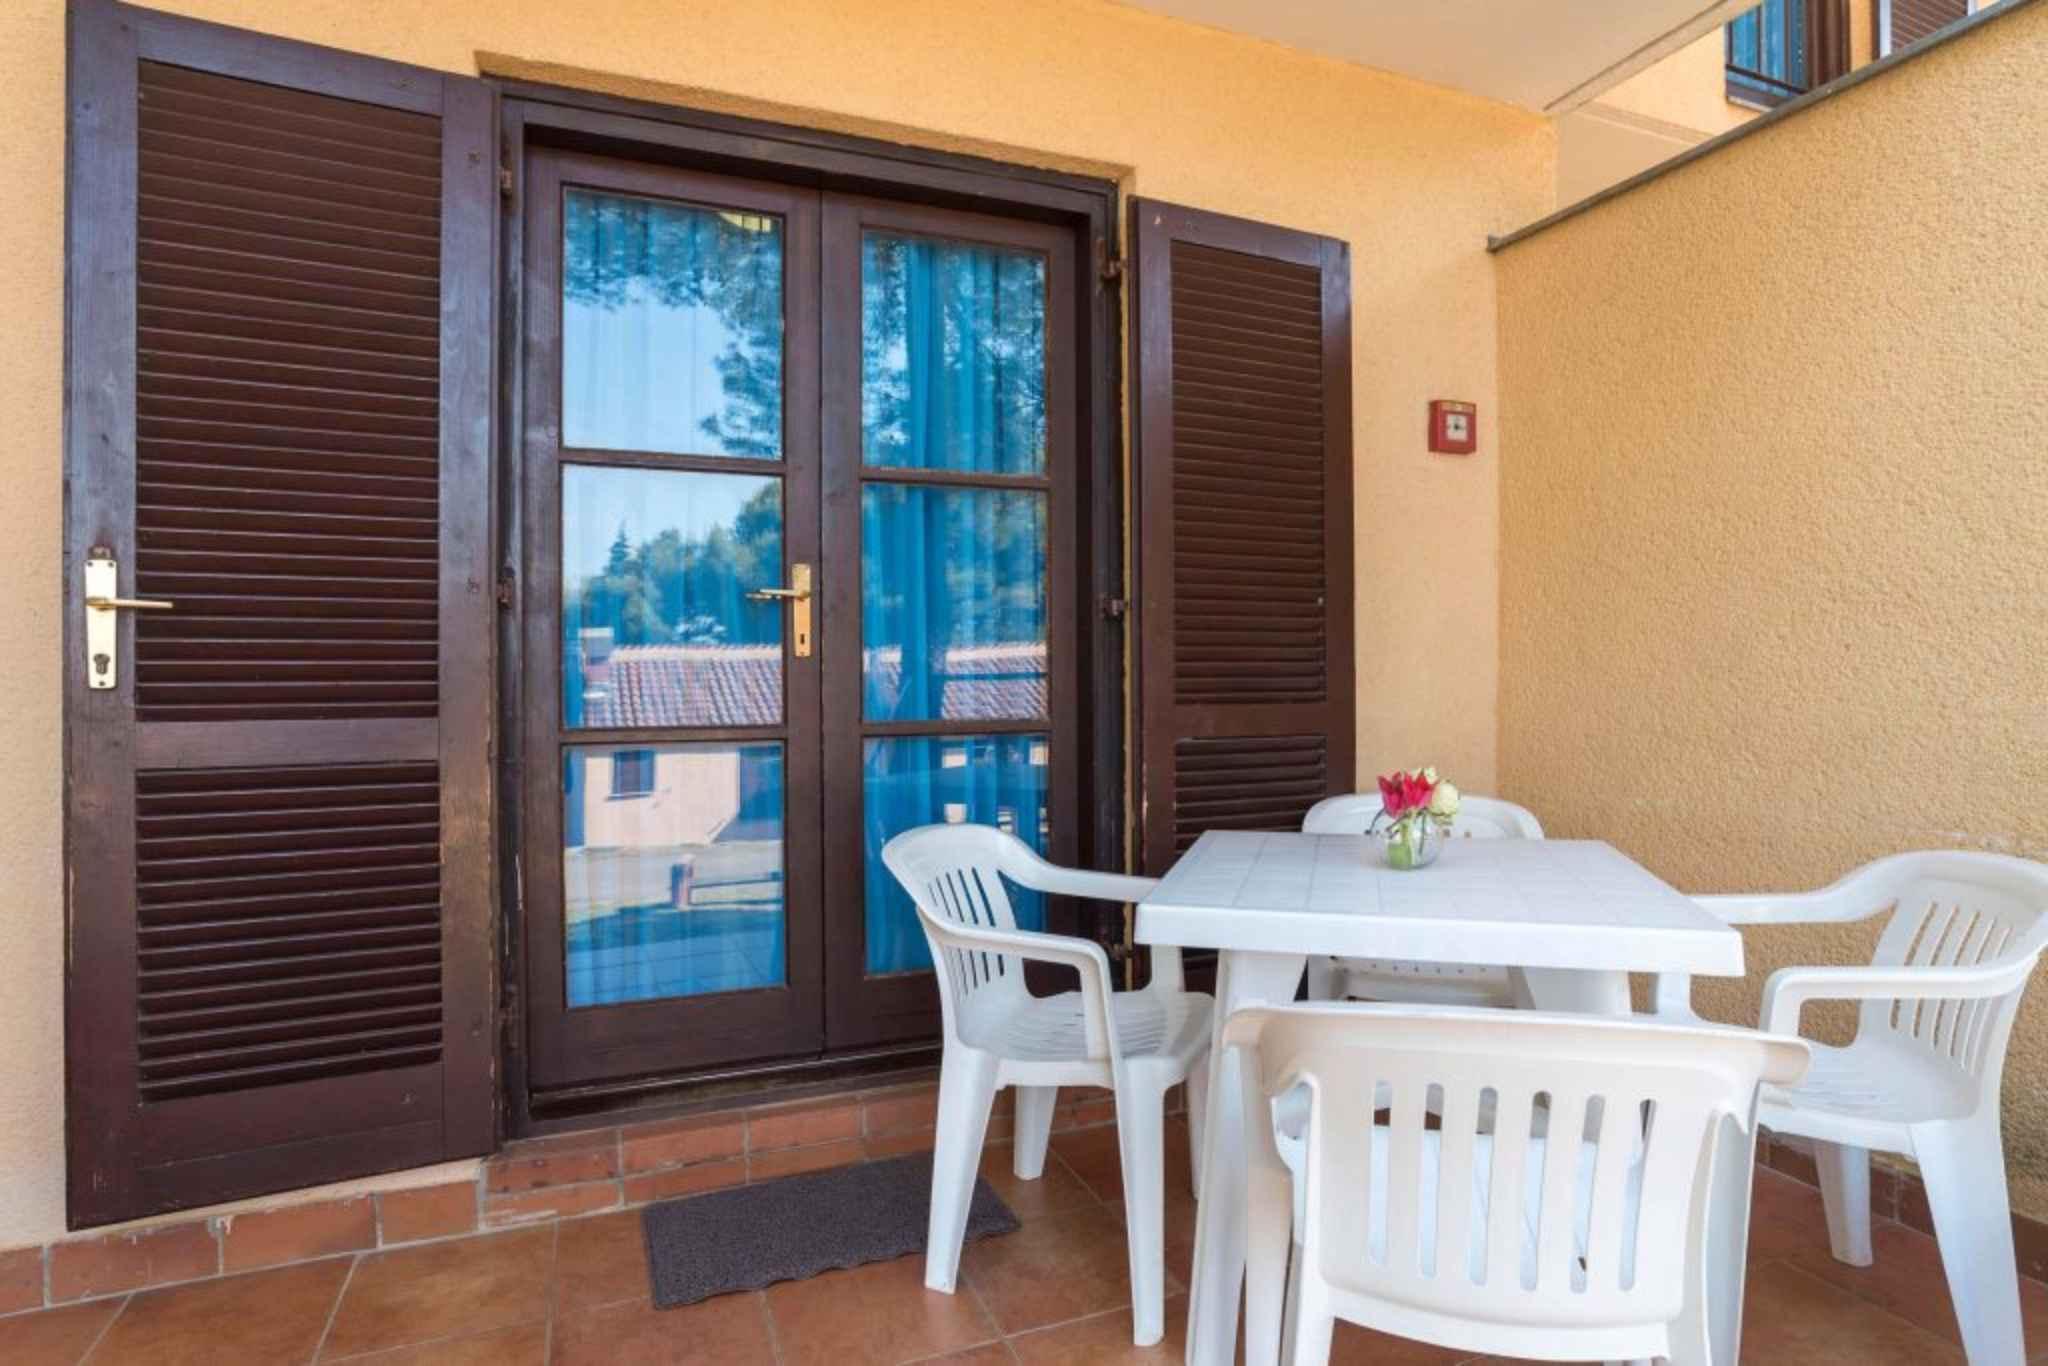 Ferienhaus Bungalow in der Ferienanlage Kanegra (281168), Umag, , Istrien, Kroatien, Bild 2